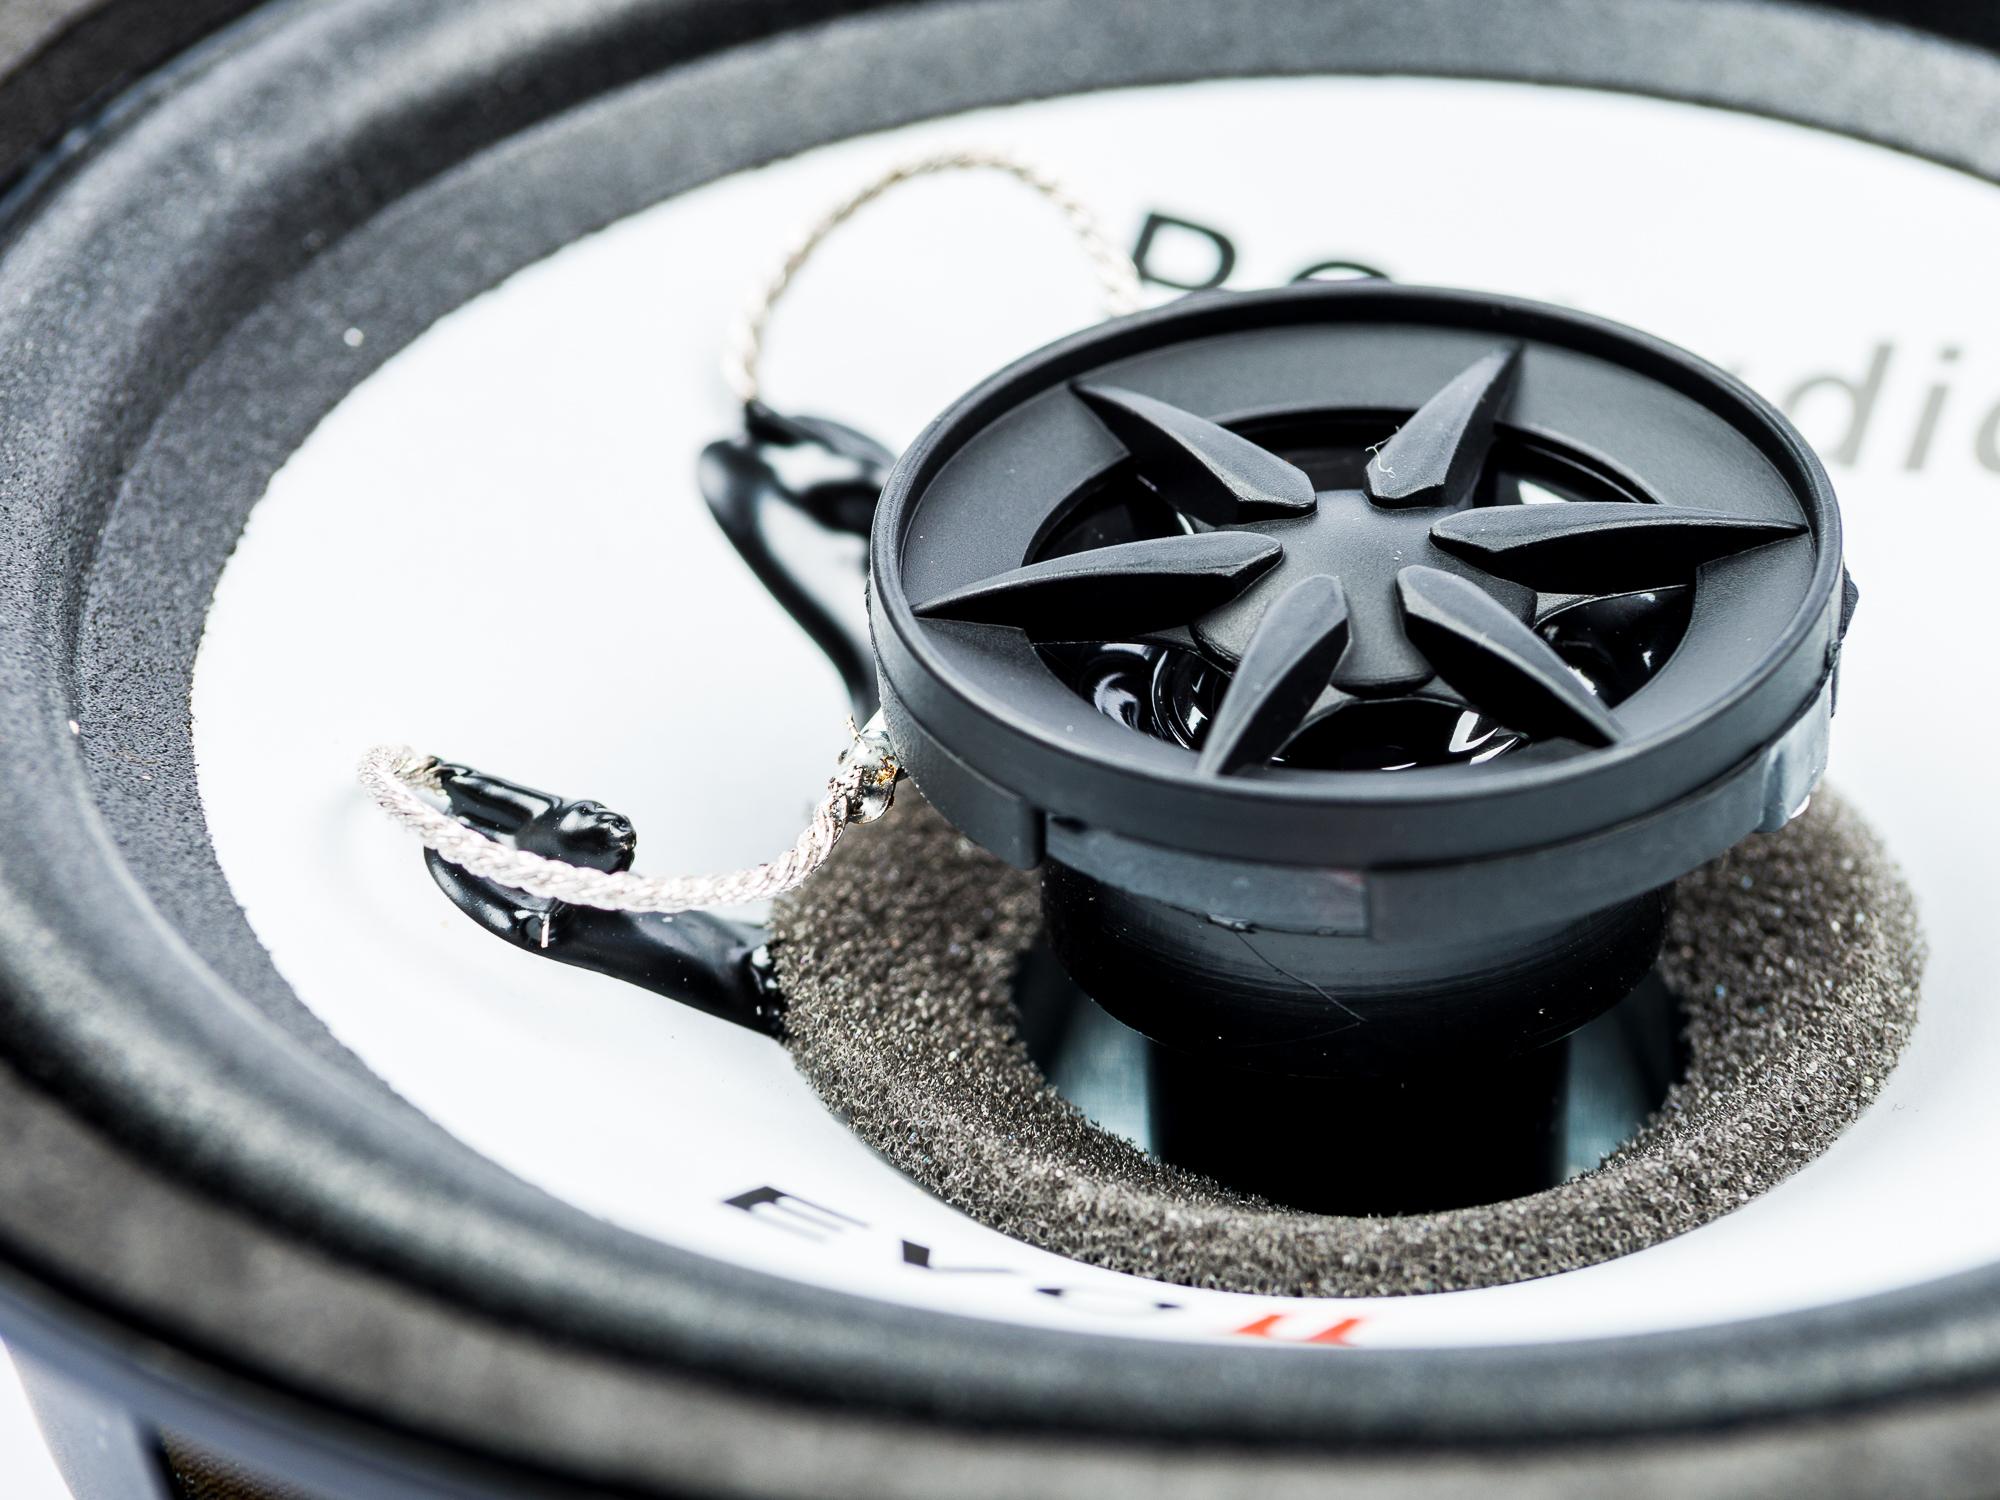 Nissan Juke Micra K12 Micra K13 Lautsprecher Einbauset Tür vorne – Bild 4